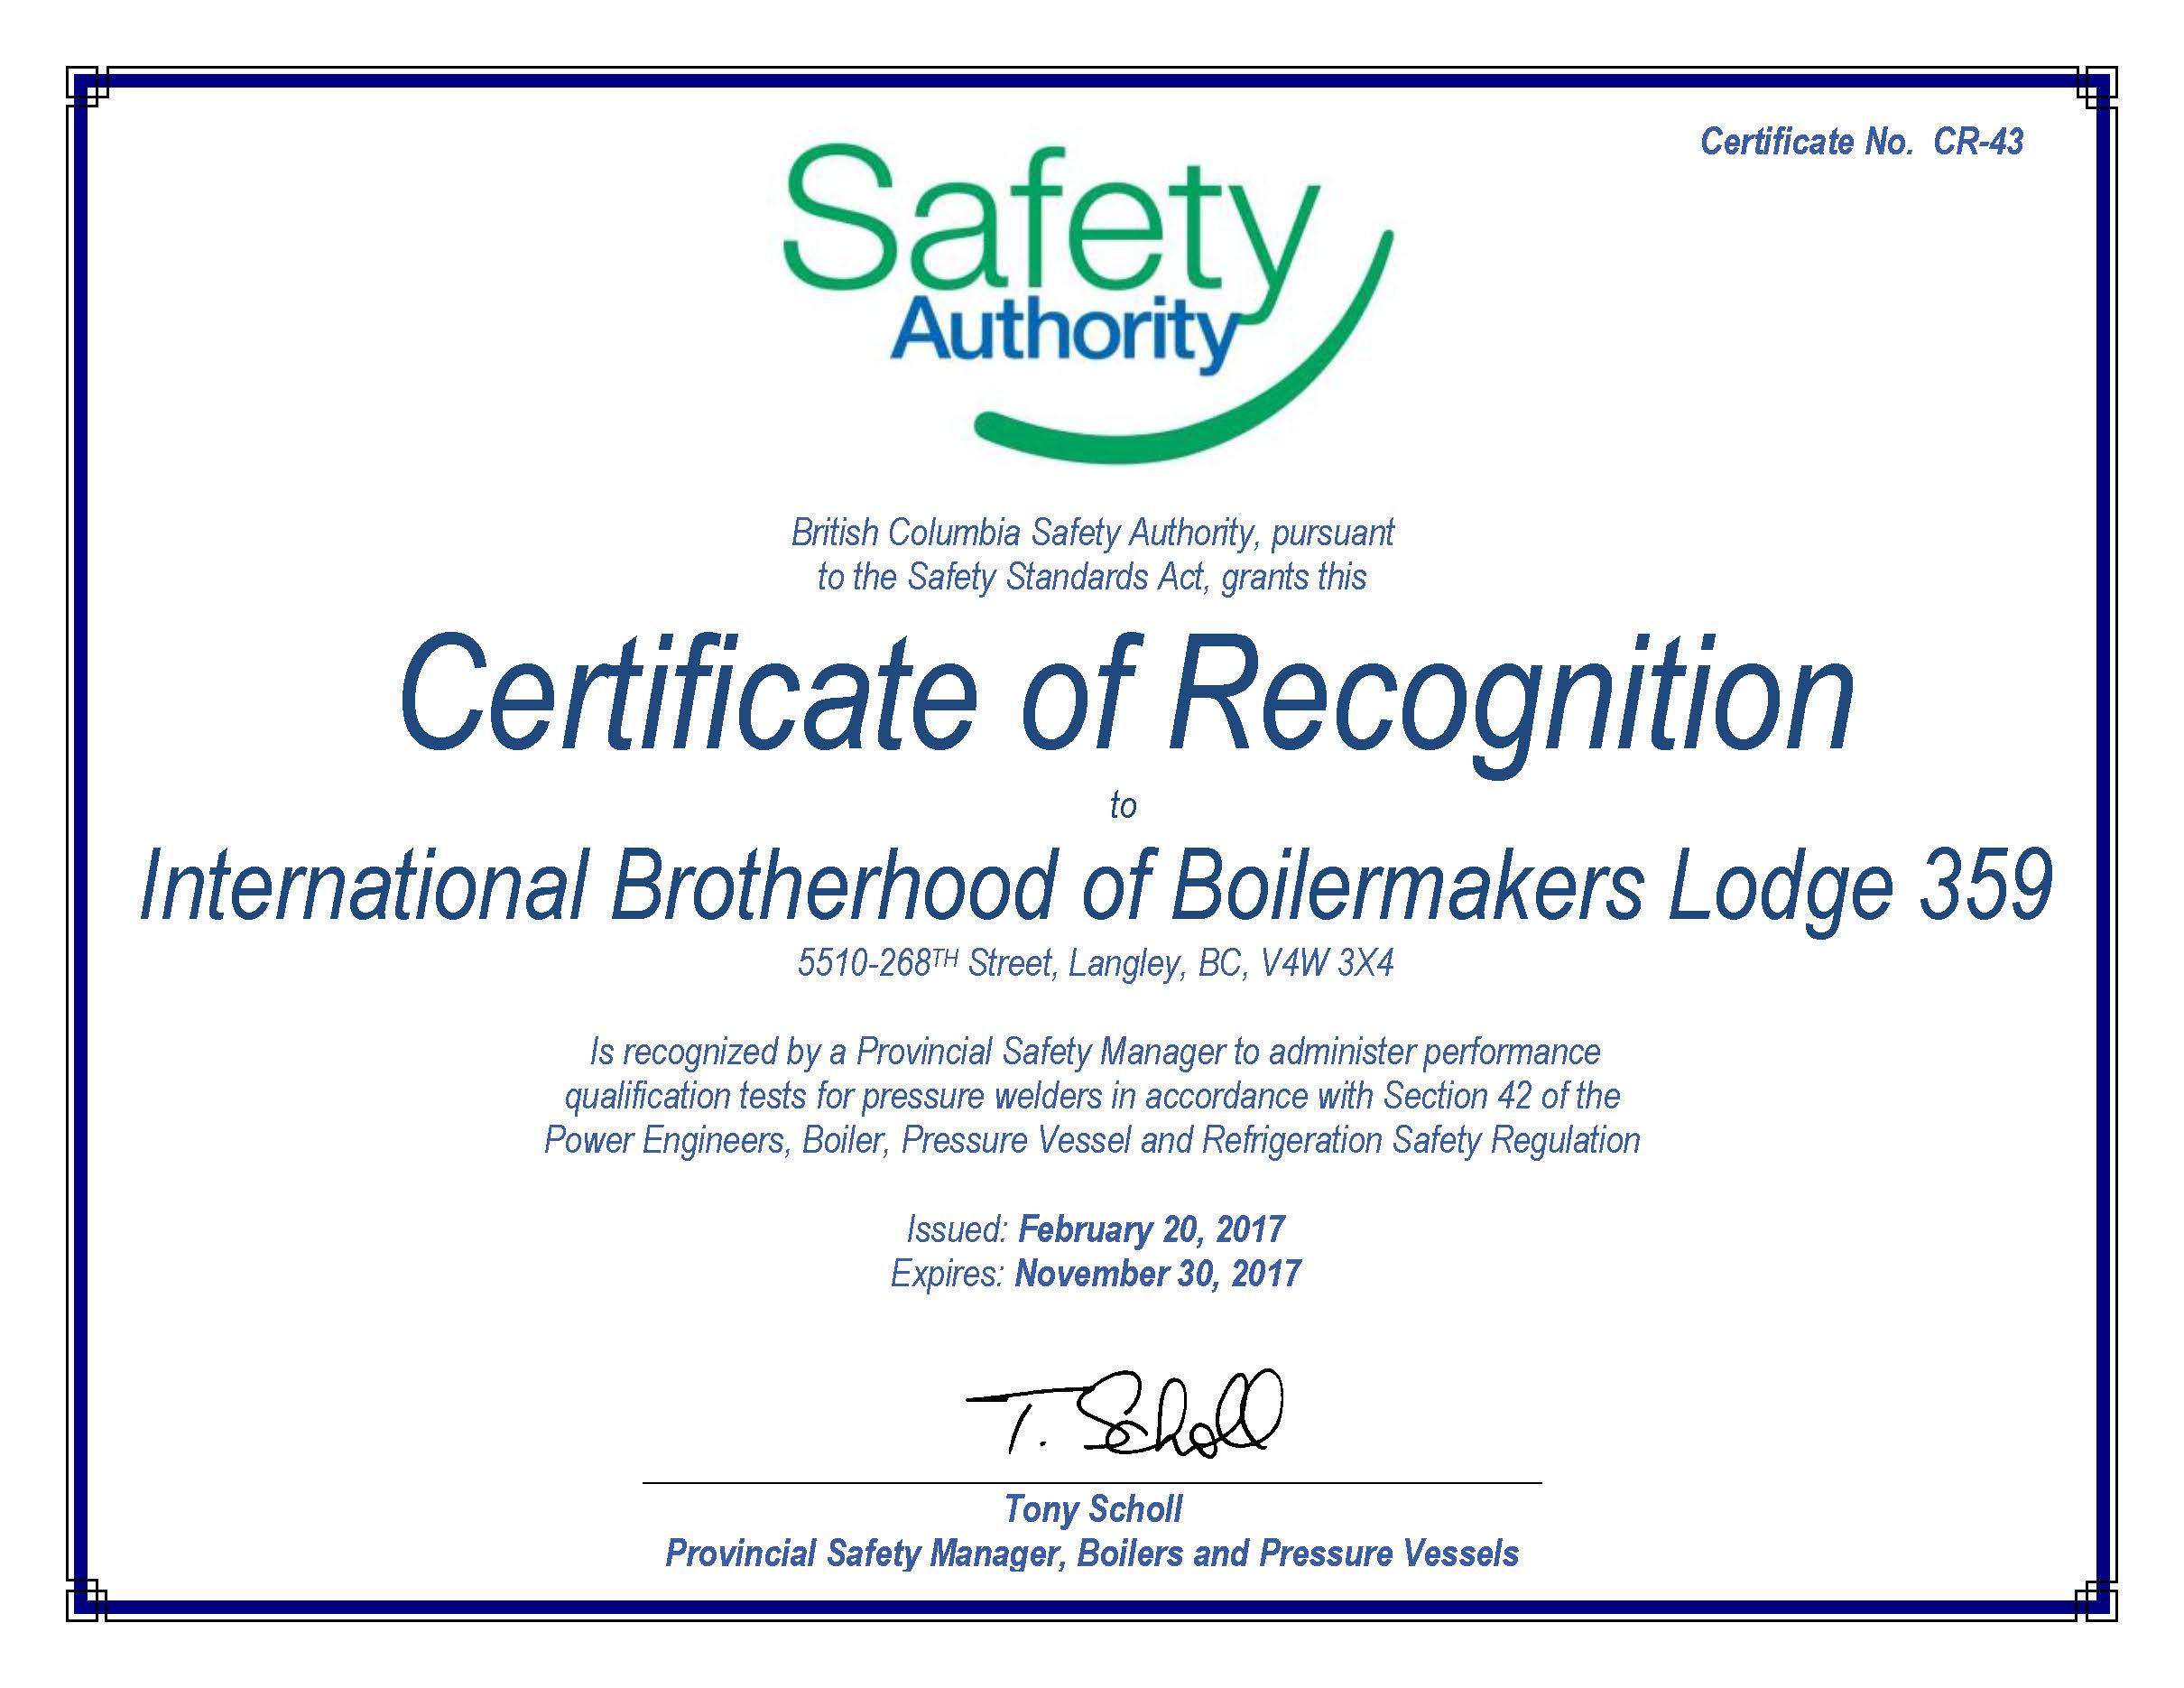 nccer boilermaker test study guide pdf | SLIDEBLAST.COM